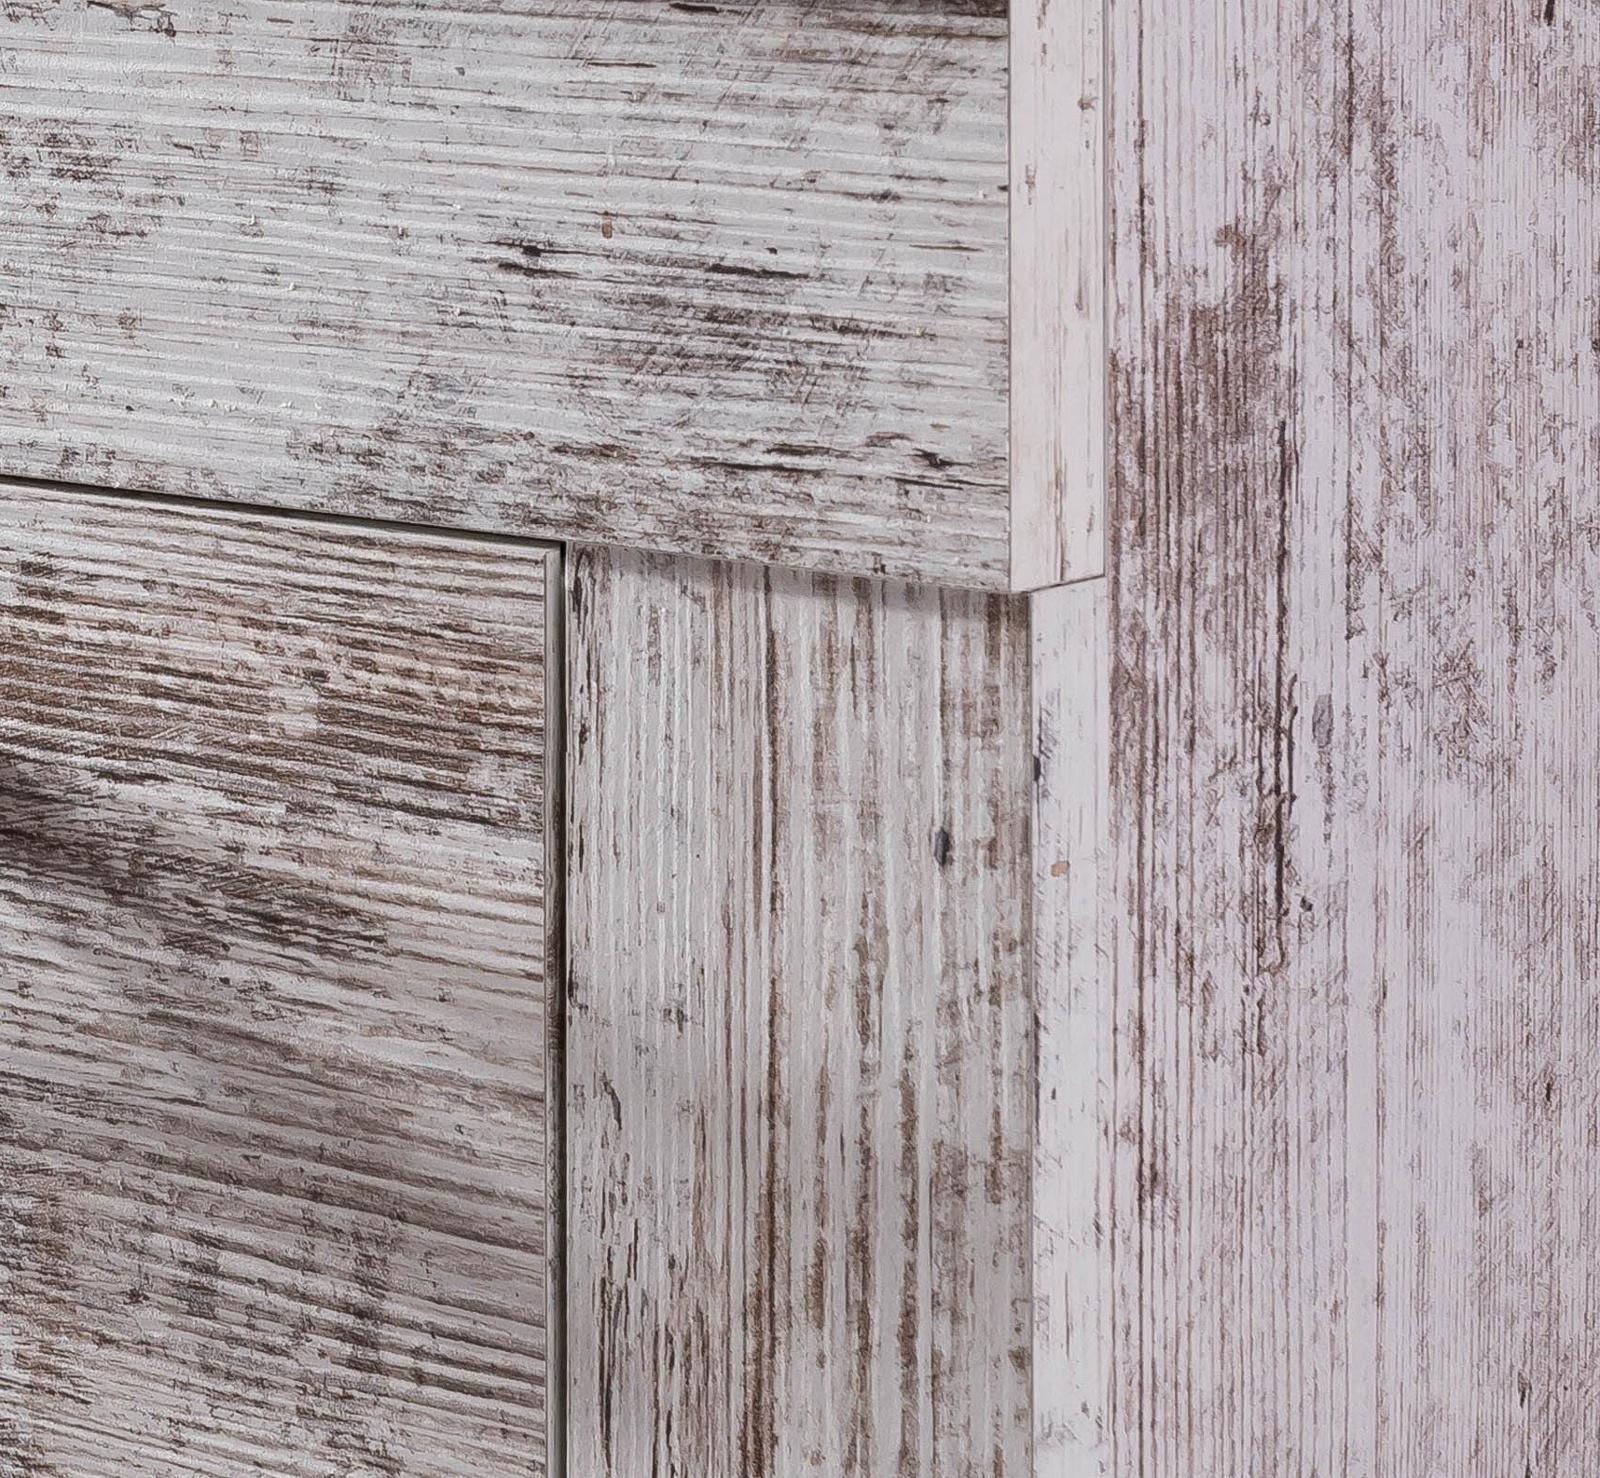 Badmöbel stehend günstig  Badmöbel Holz Günstig esseryaad.info Finden Sie Tausende von Ideen ...